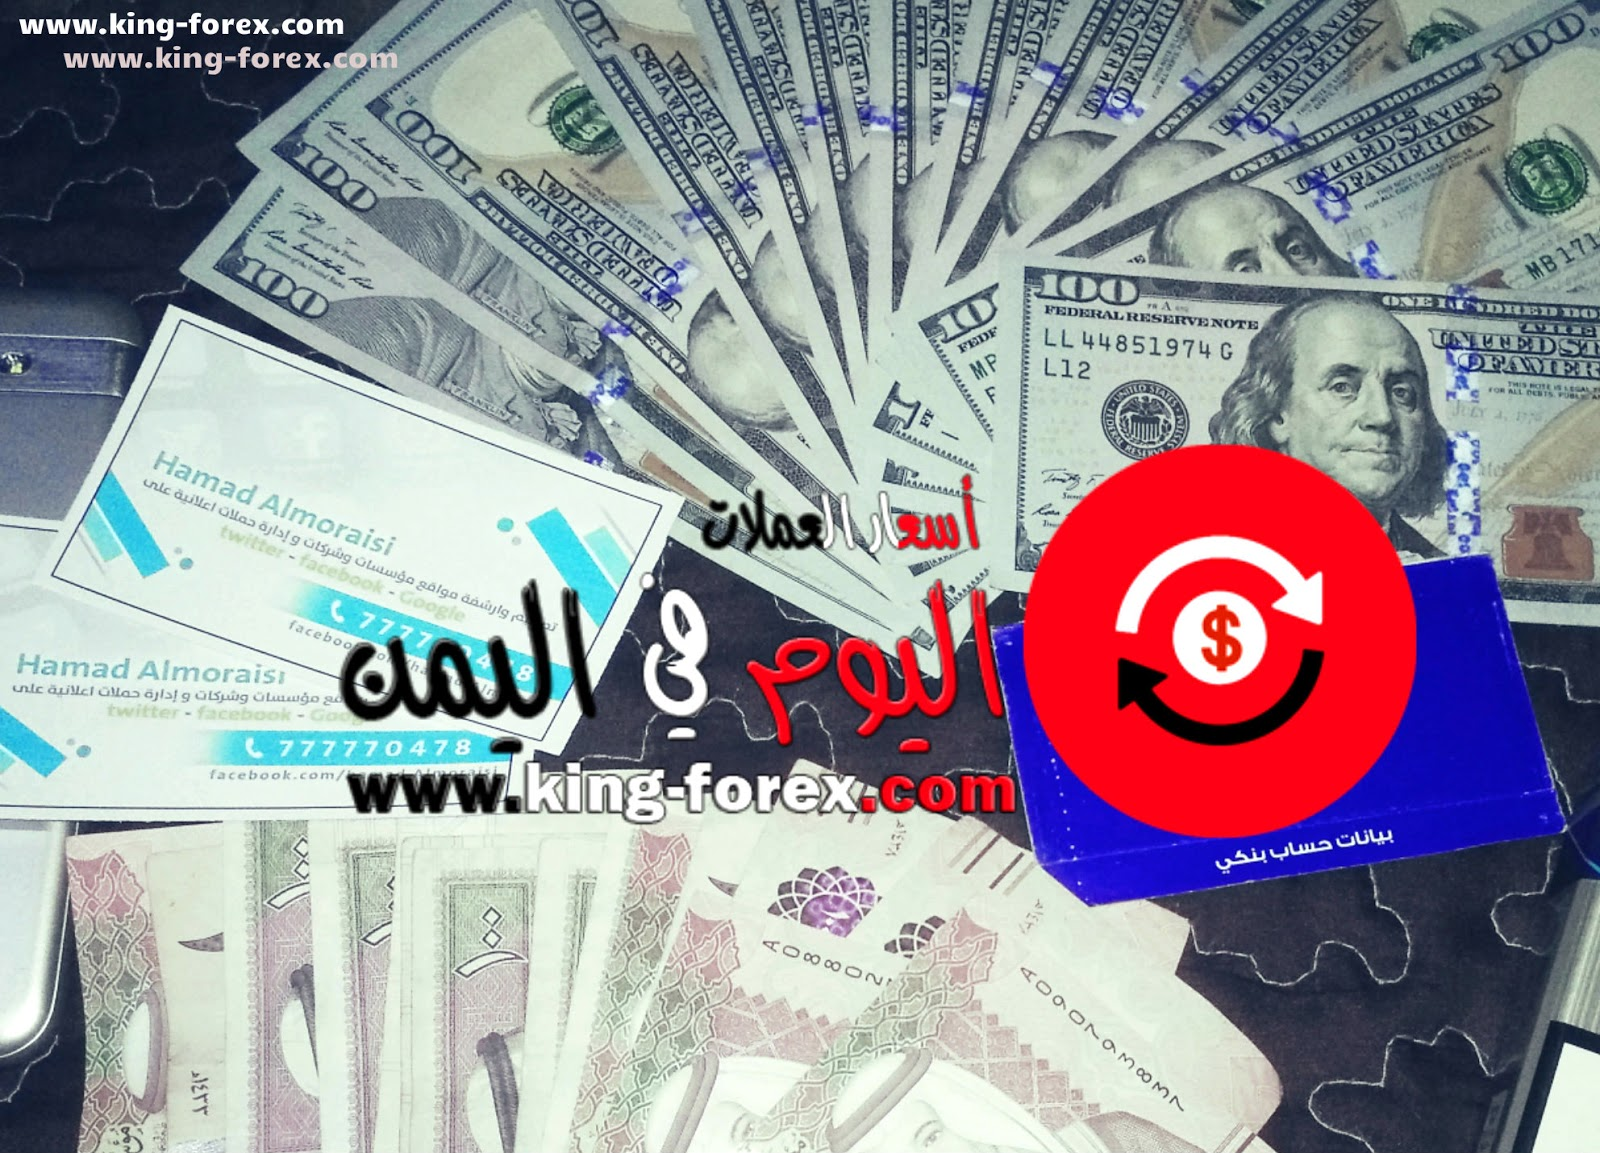 اسعار العملات اليوم في اليمن مقابل الريال اليمني سعر صرف الدولار والريال السعودي والعملات الاجنبية في محلات الصرافة والسوق السوداء تحديثات يومية